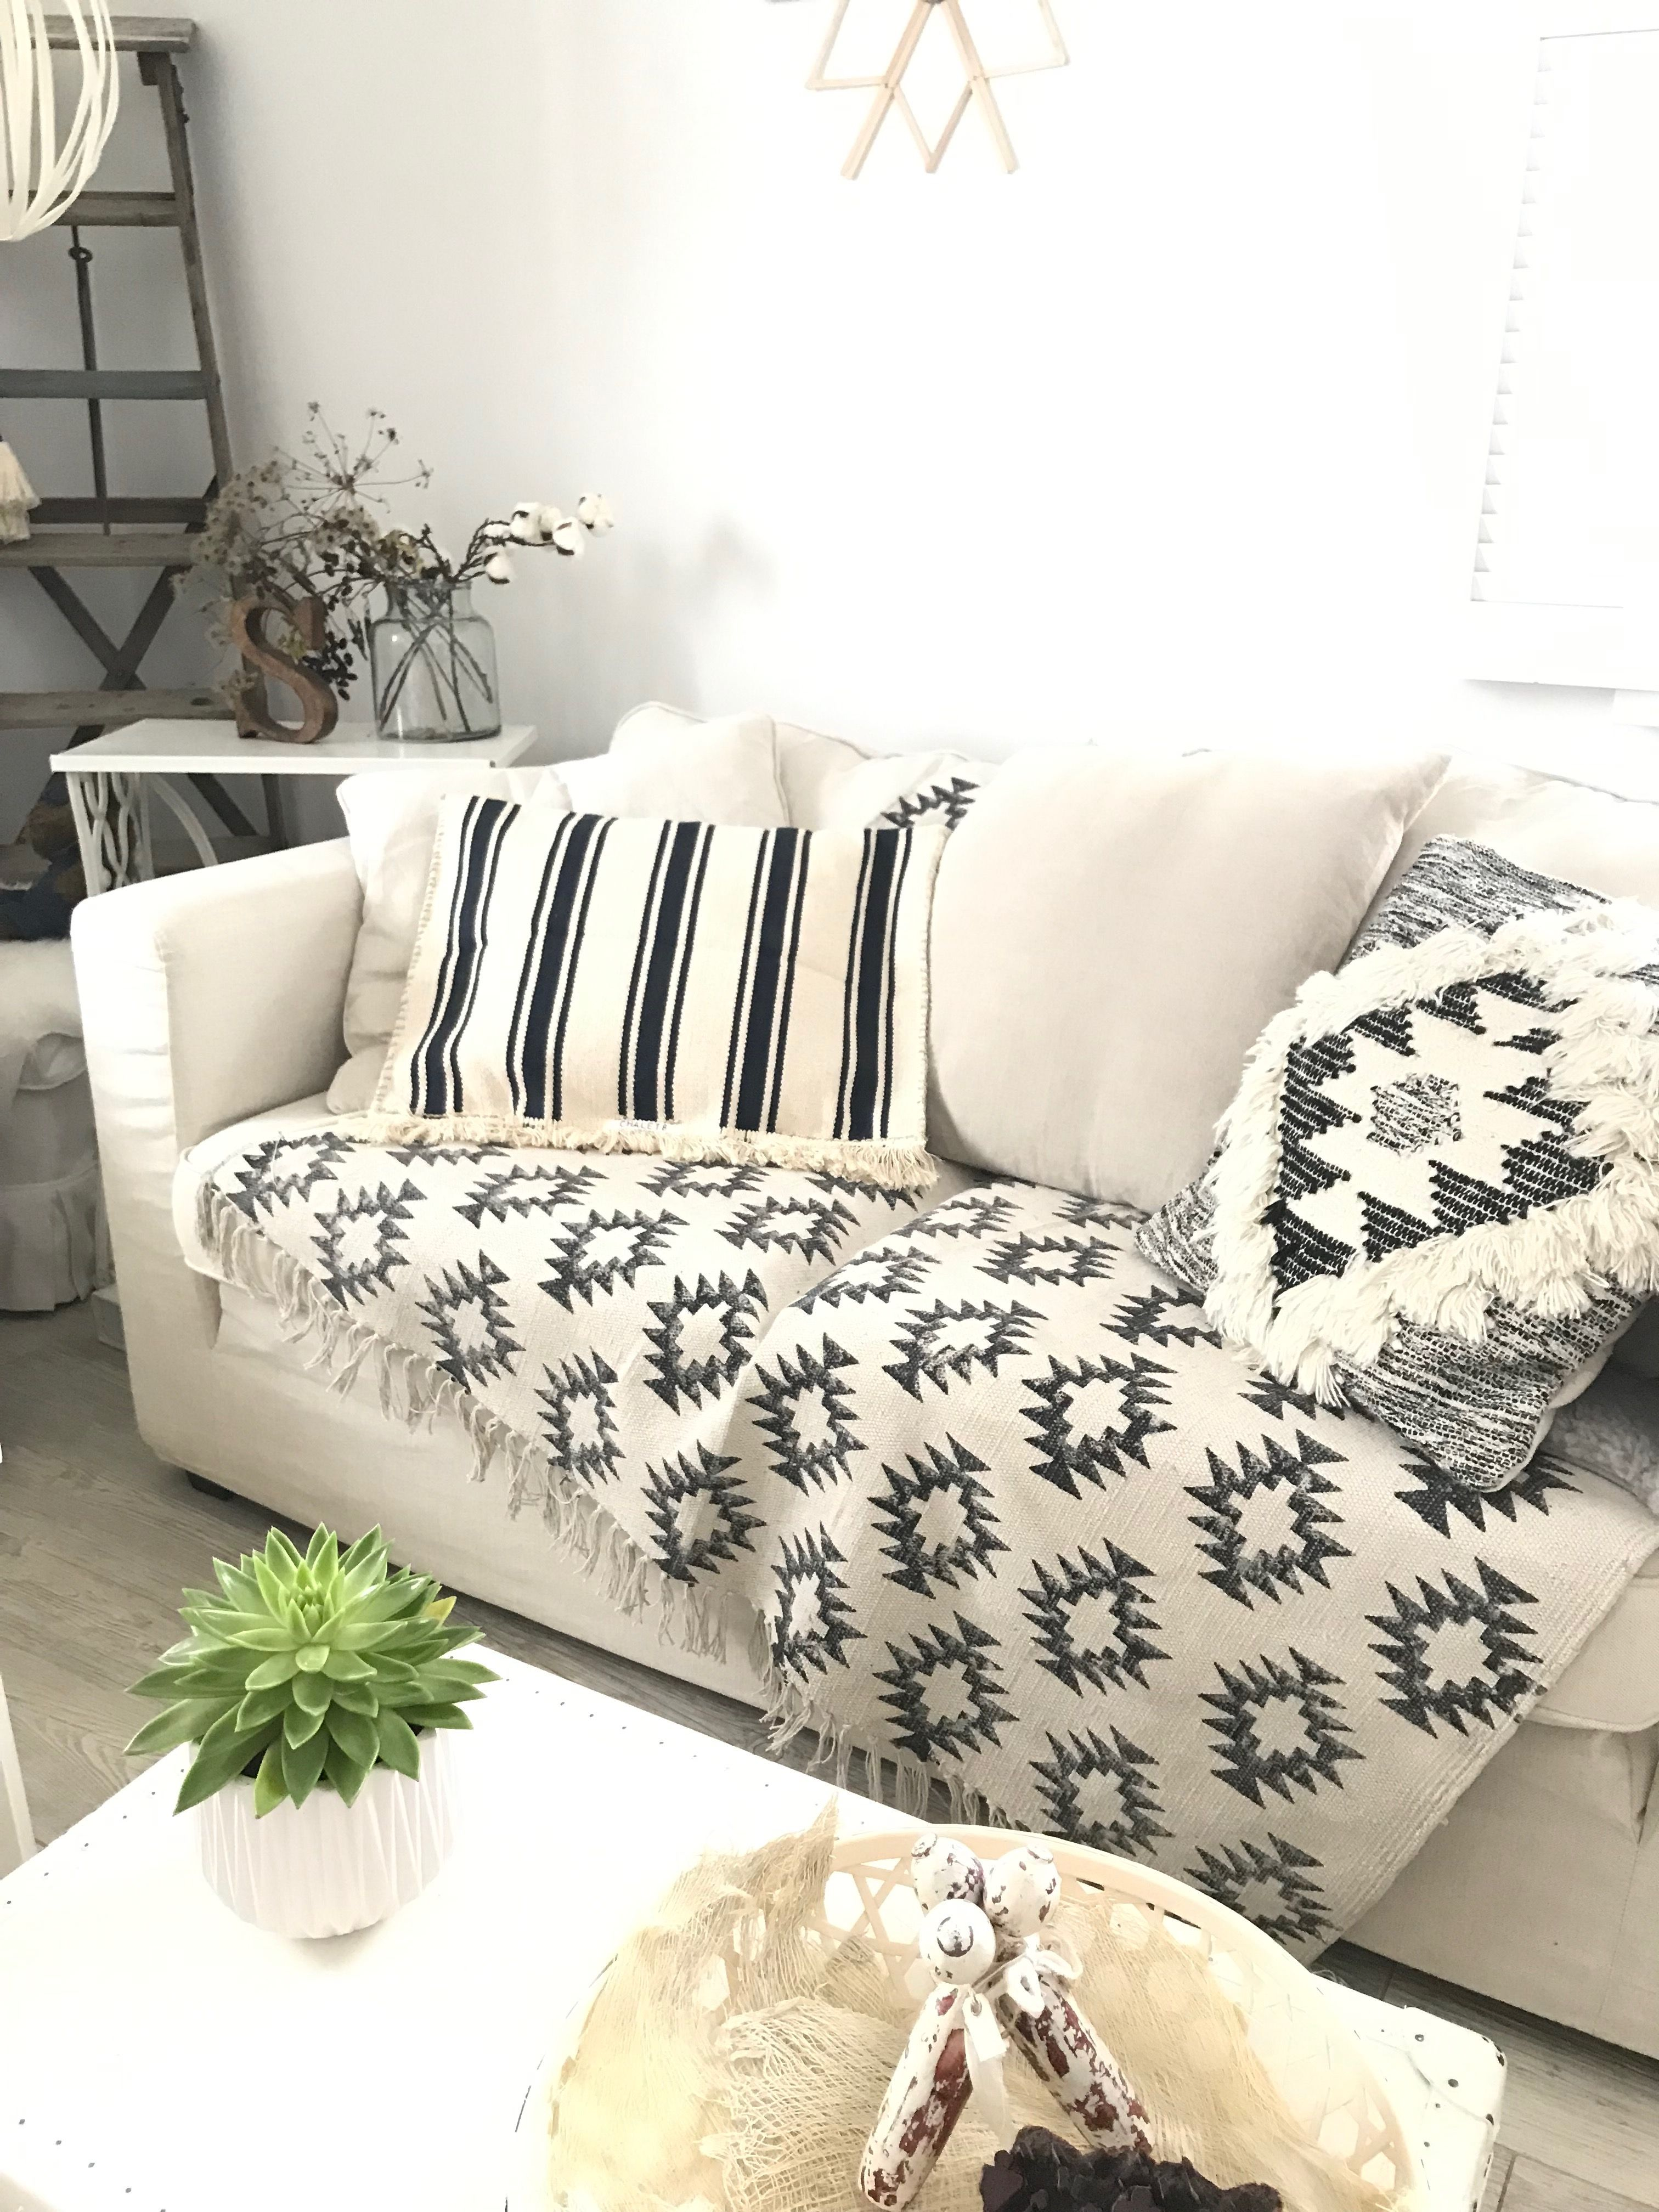 Ikea Hack Kissen Aus Teppich Diy Pillows Pillows Home Decor